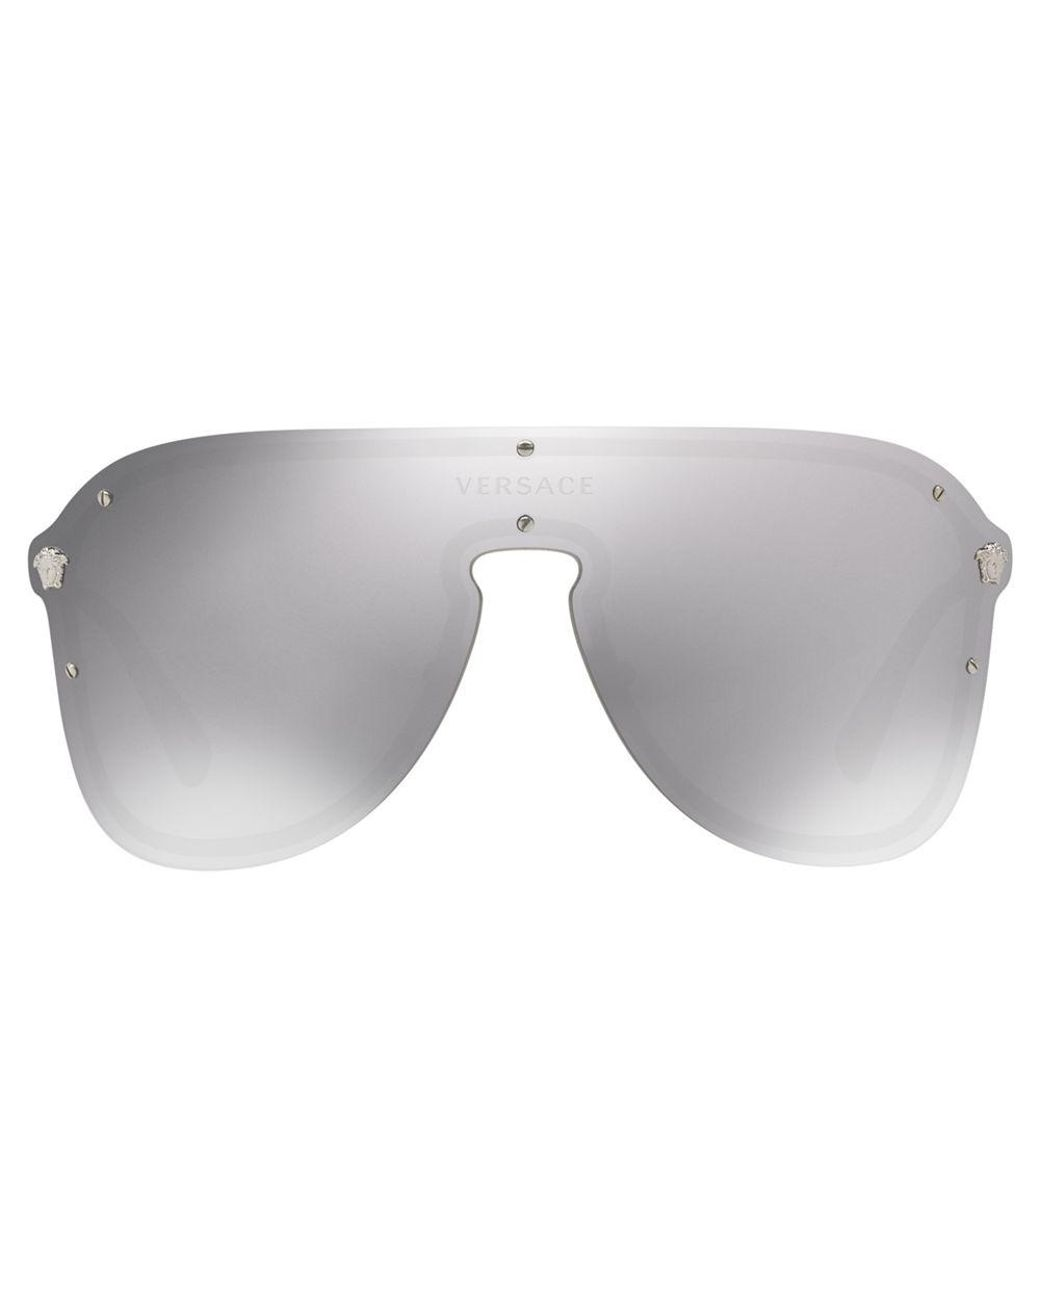 607fbdc52d0d4 Versace Ve2180 Women s Aviator Sunglasses - Lyst